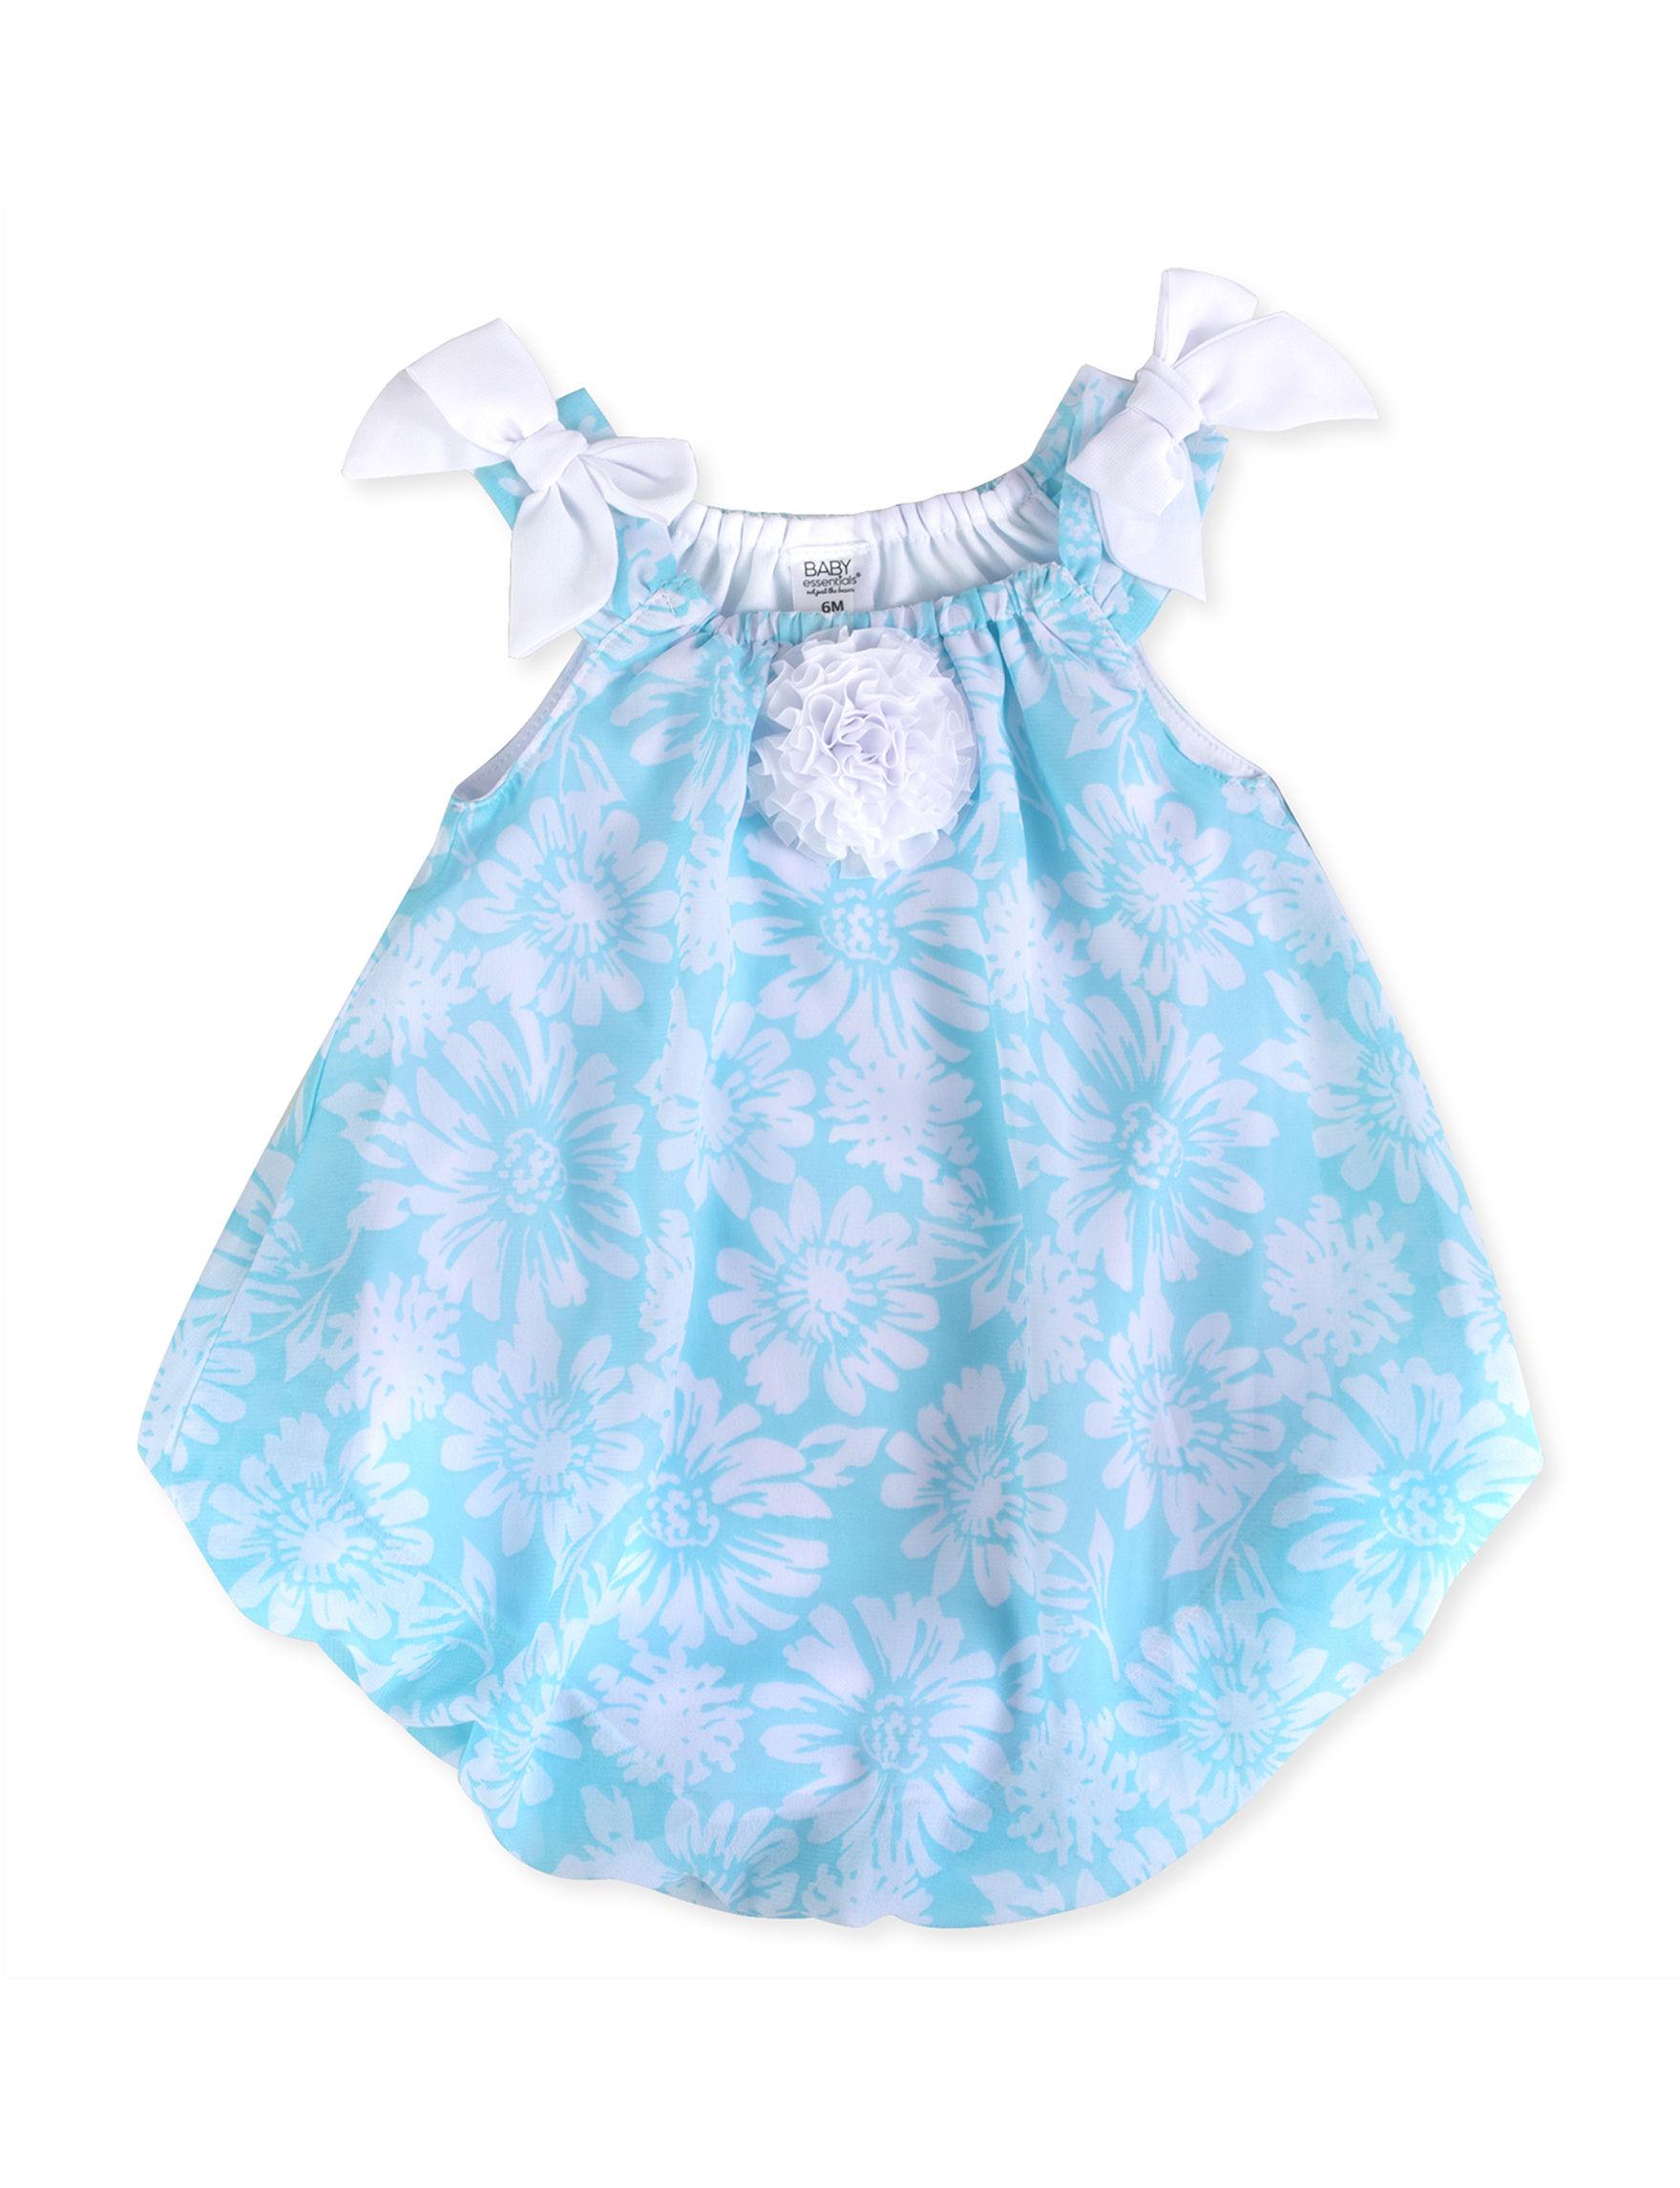 Baby Essentials Black / Pink